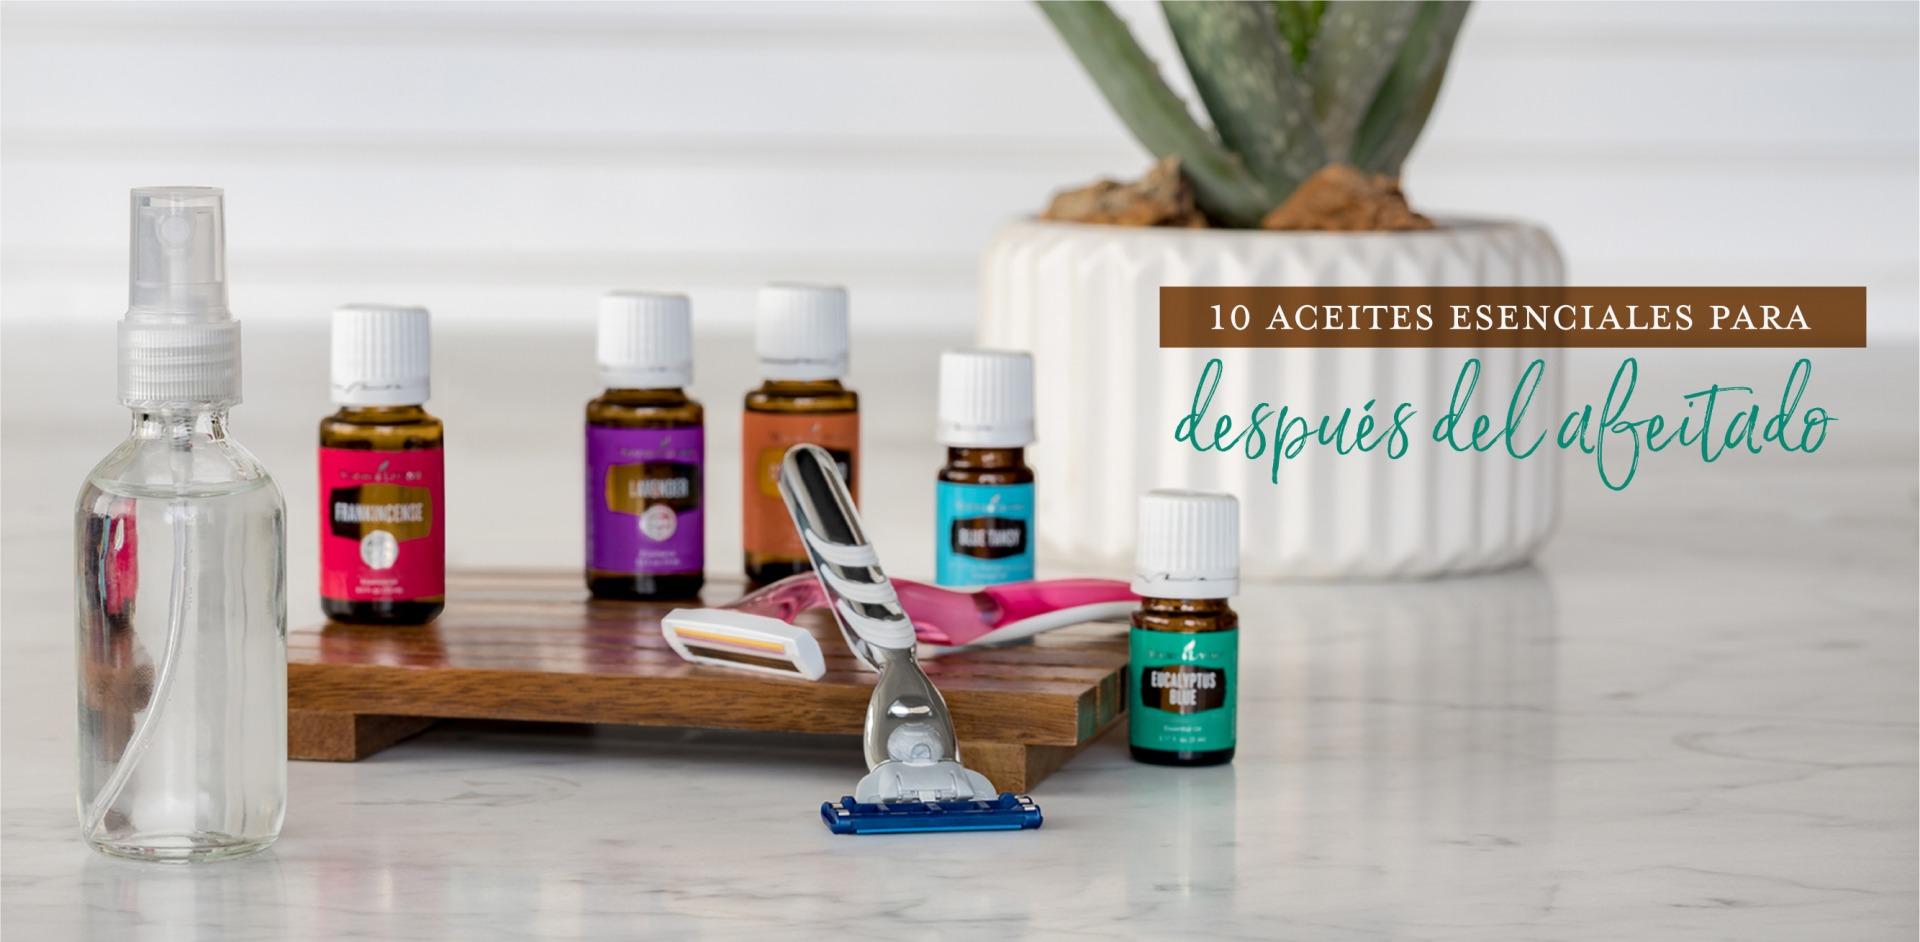 10 aceites esenciales para después del afeitado - Young Living Blog